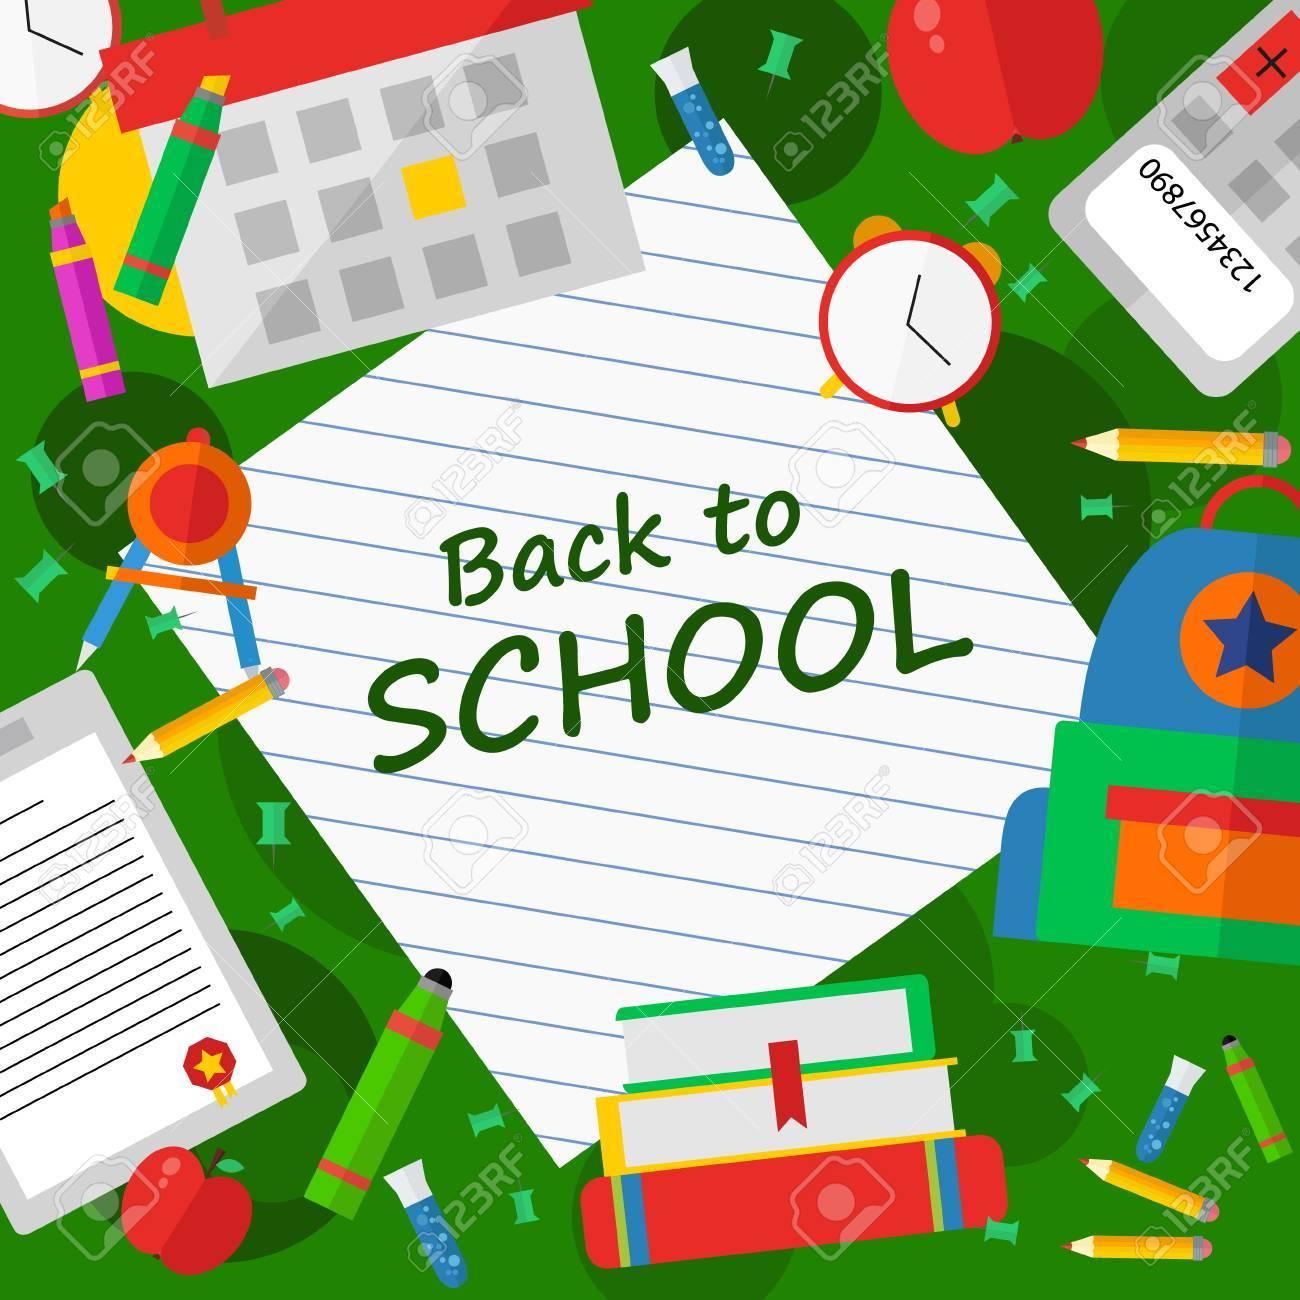 本文イラスト ポスターを学校に戻るのイラスト素材ベクタ Image